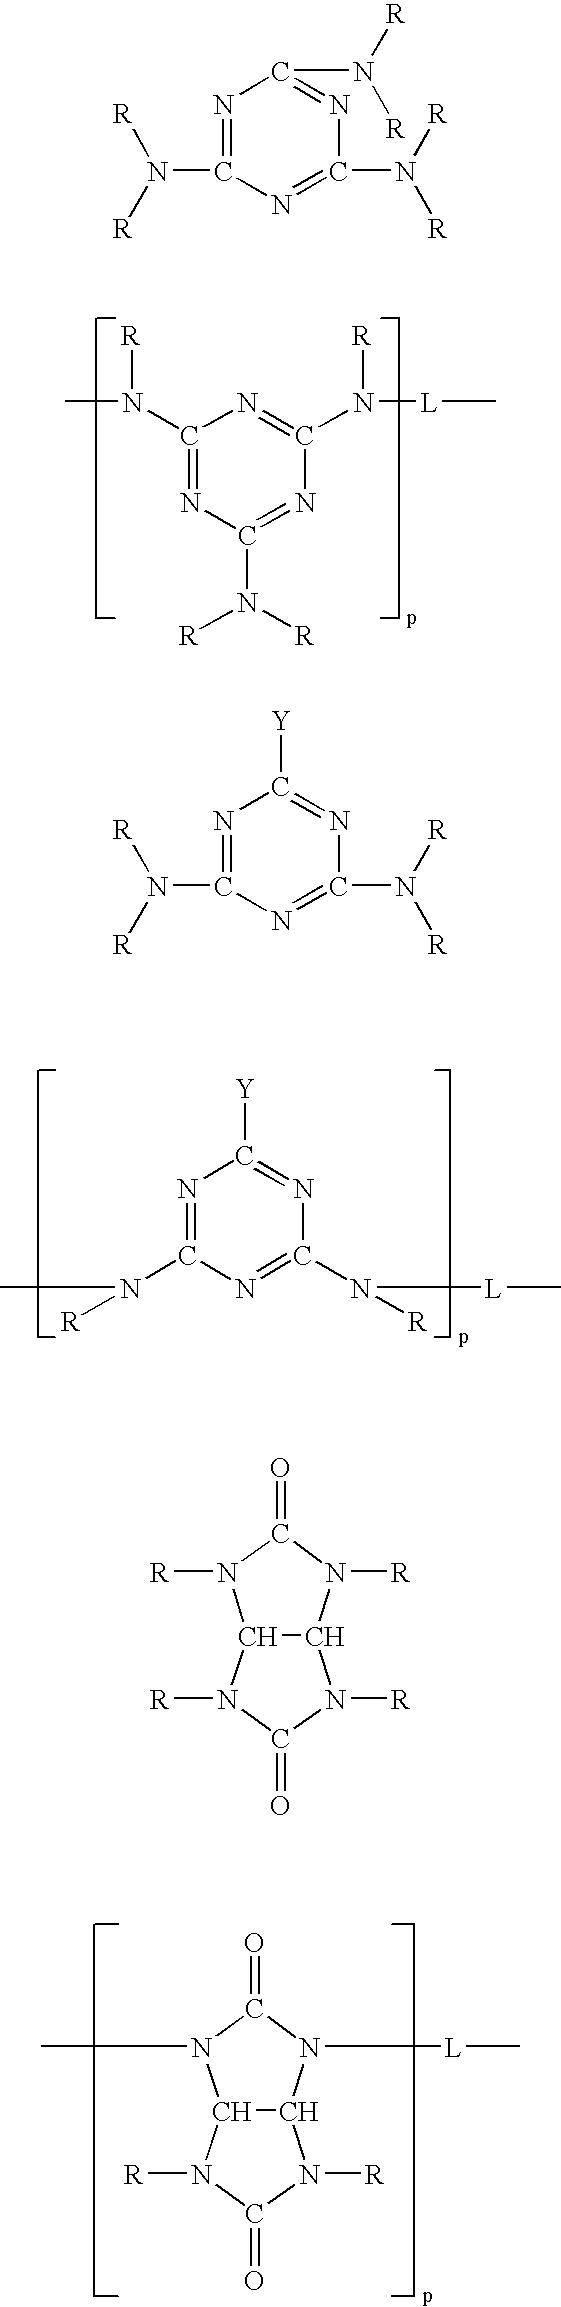 Figure US20040122145A1-20040624-C00028